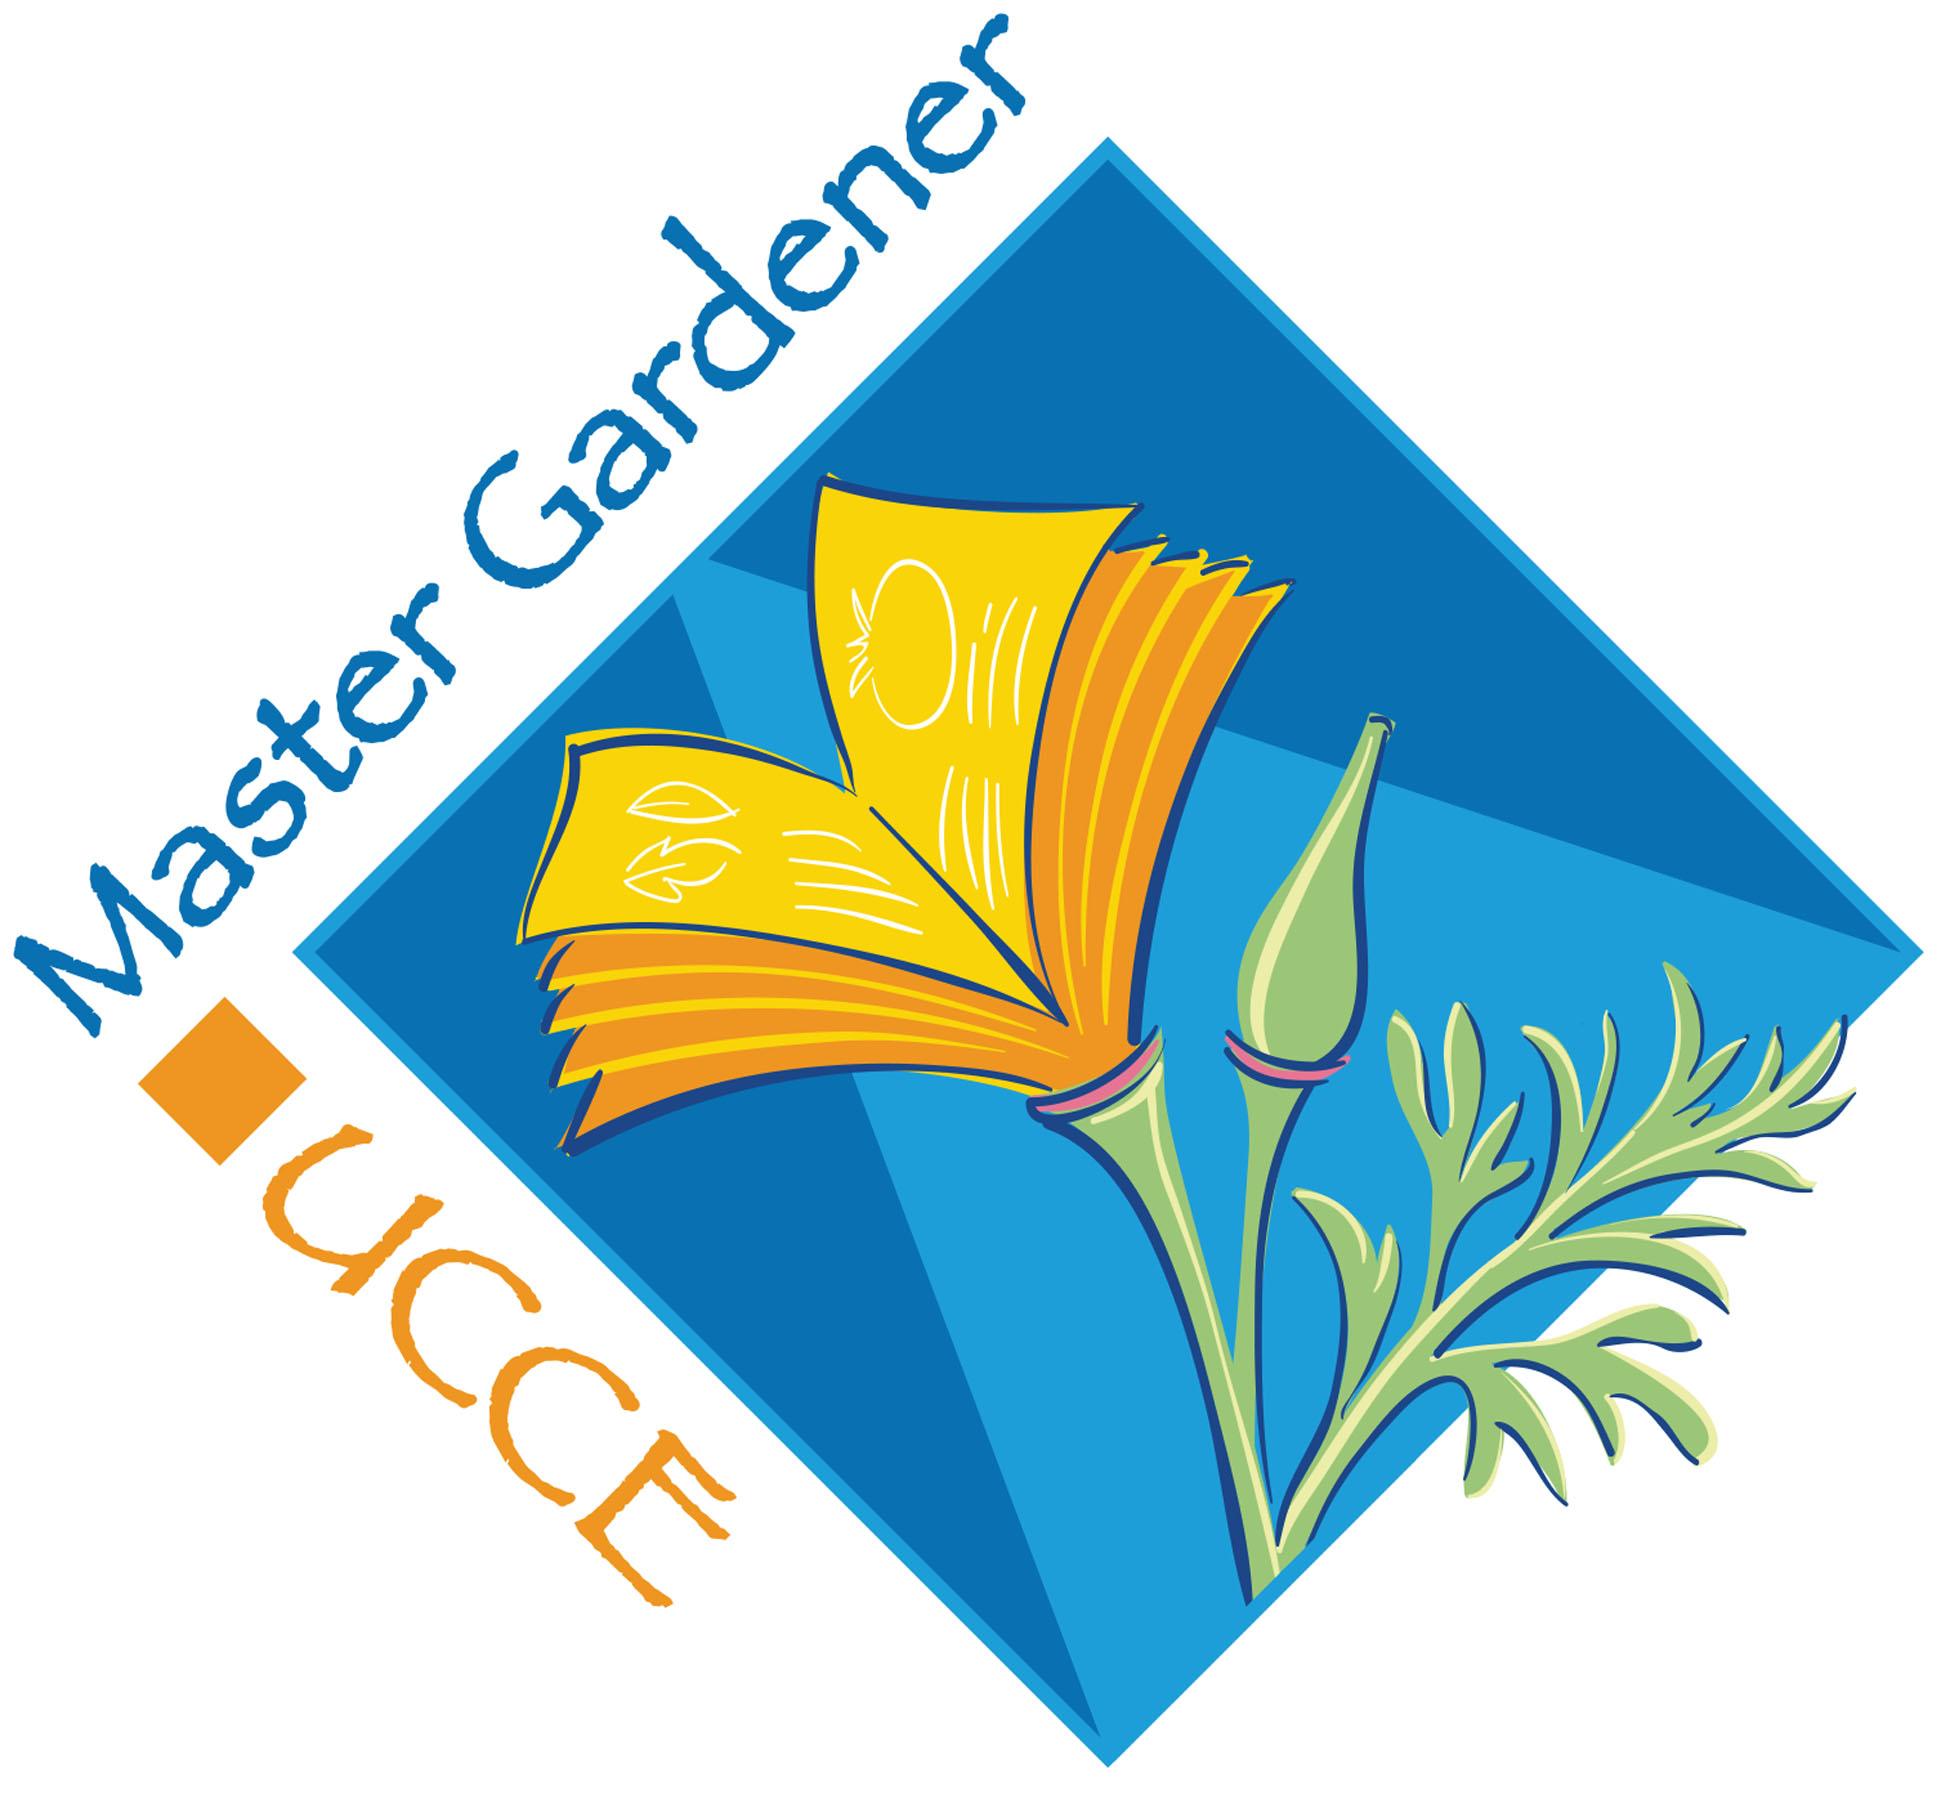 MG_logo-v2014_short-UCCE.jpg